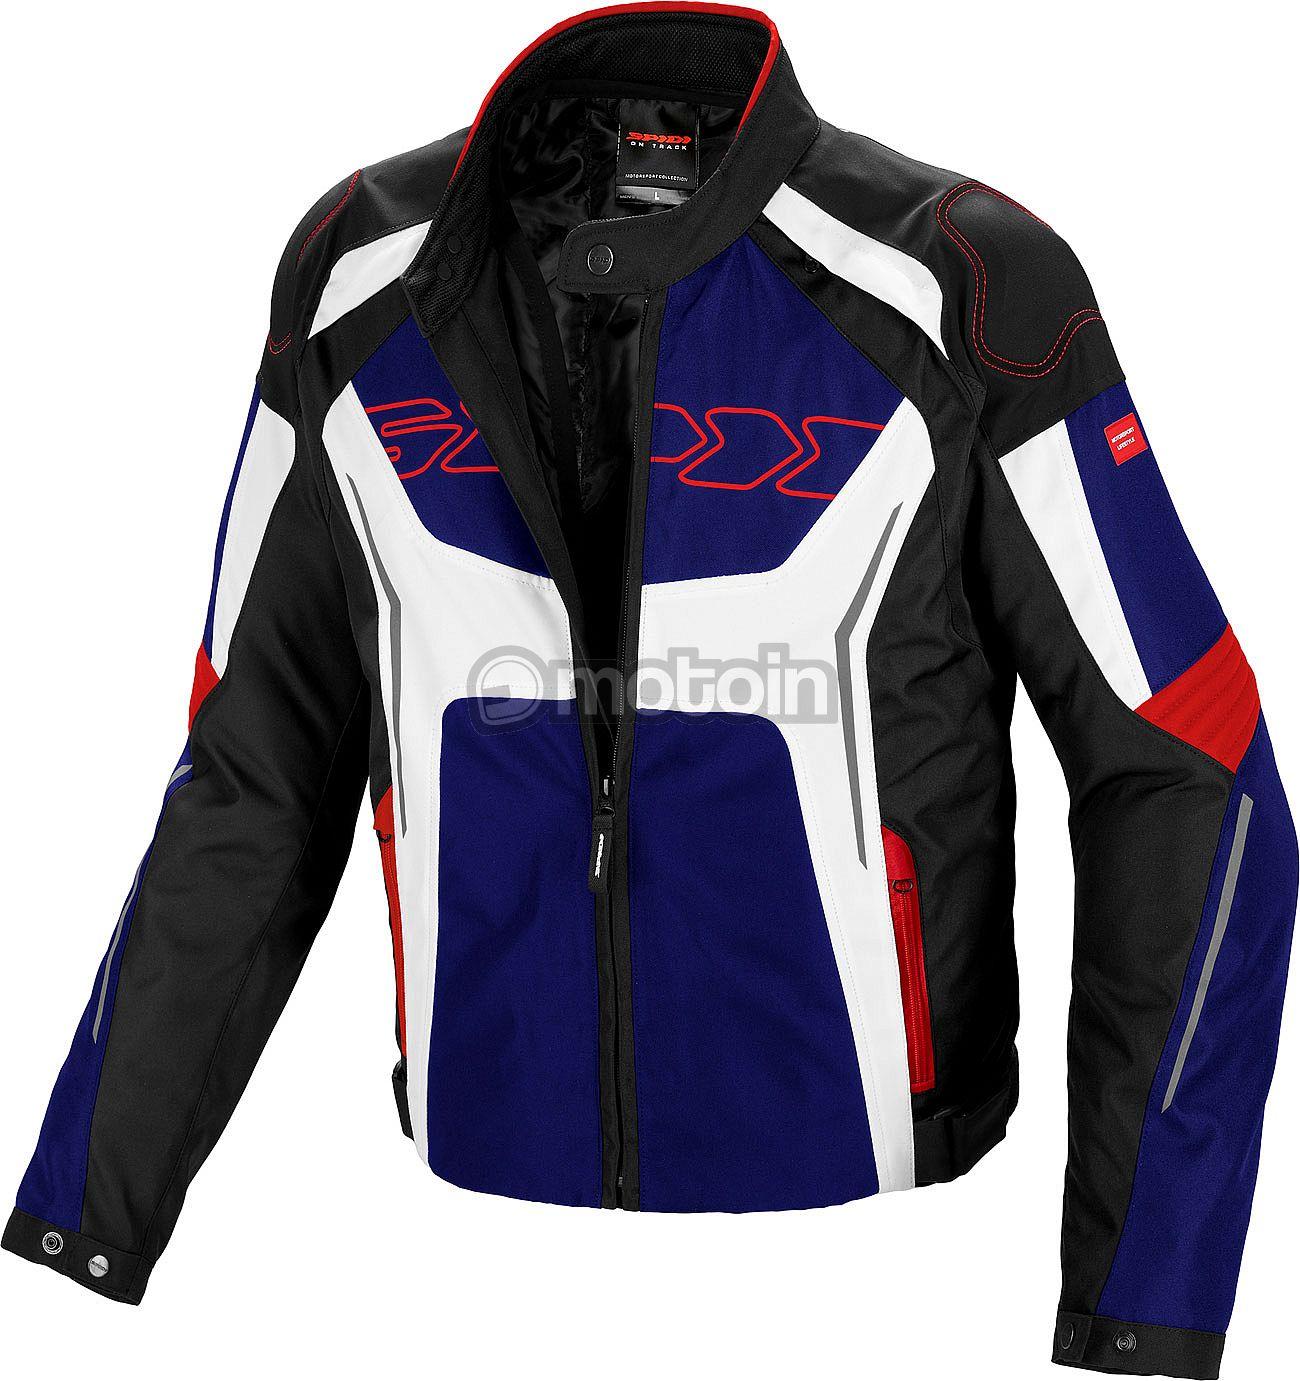 L Noir Spidi Armor Veste Textile a Capuche